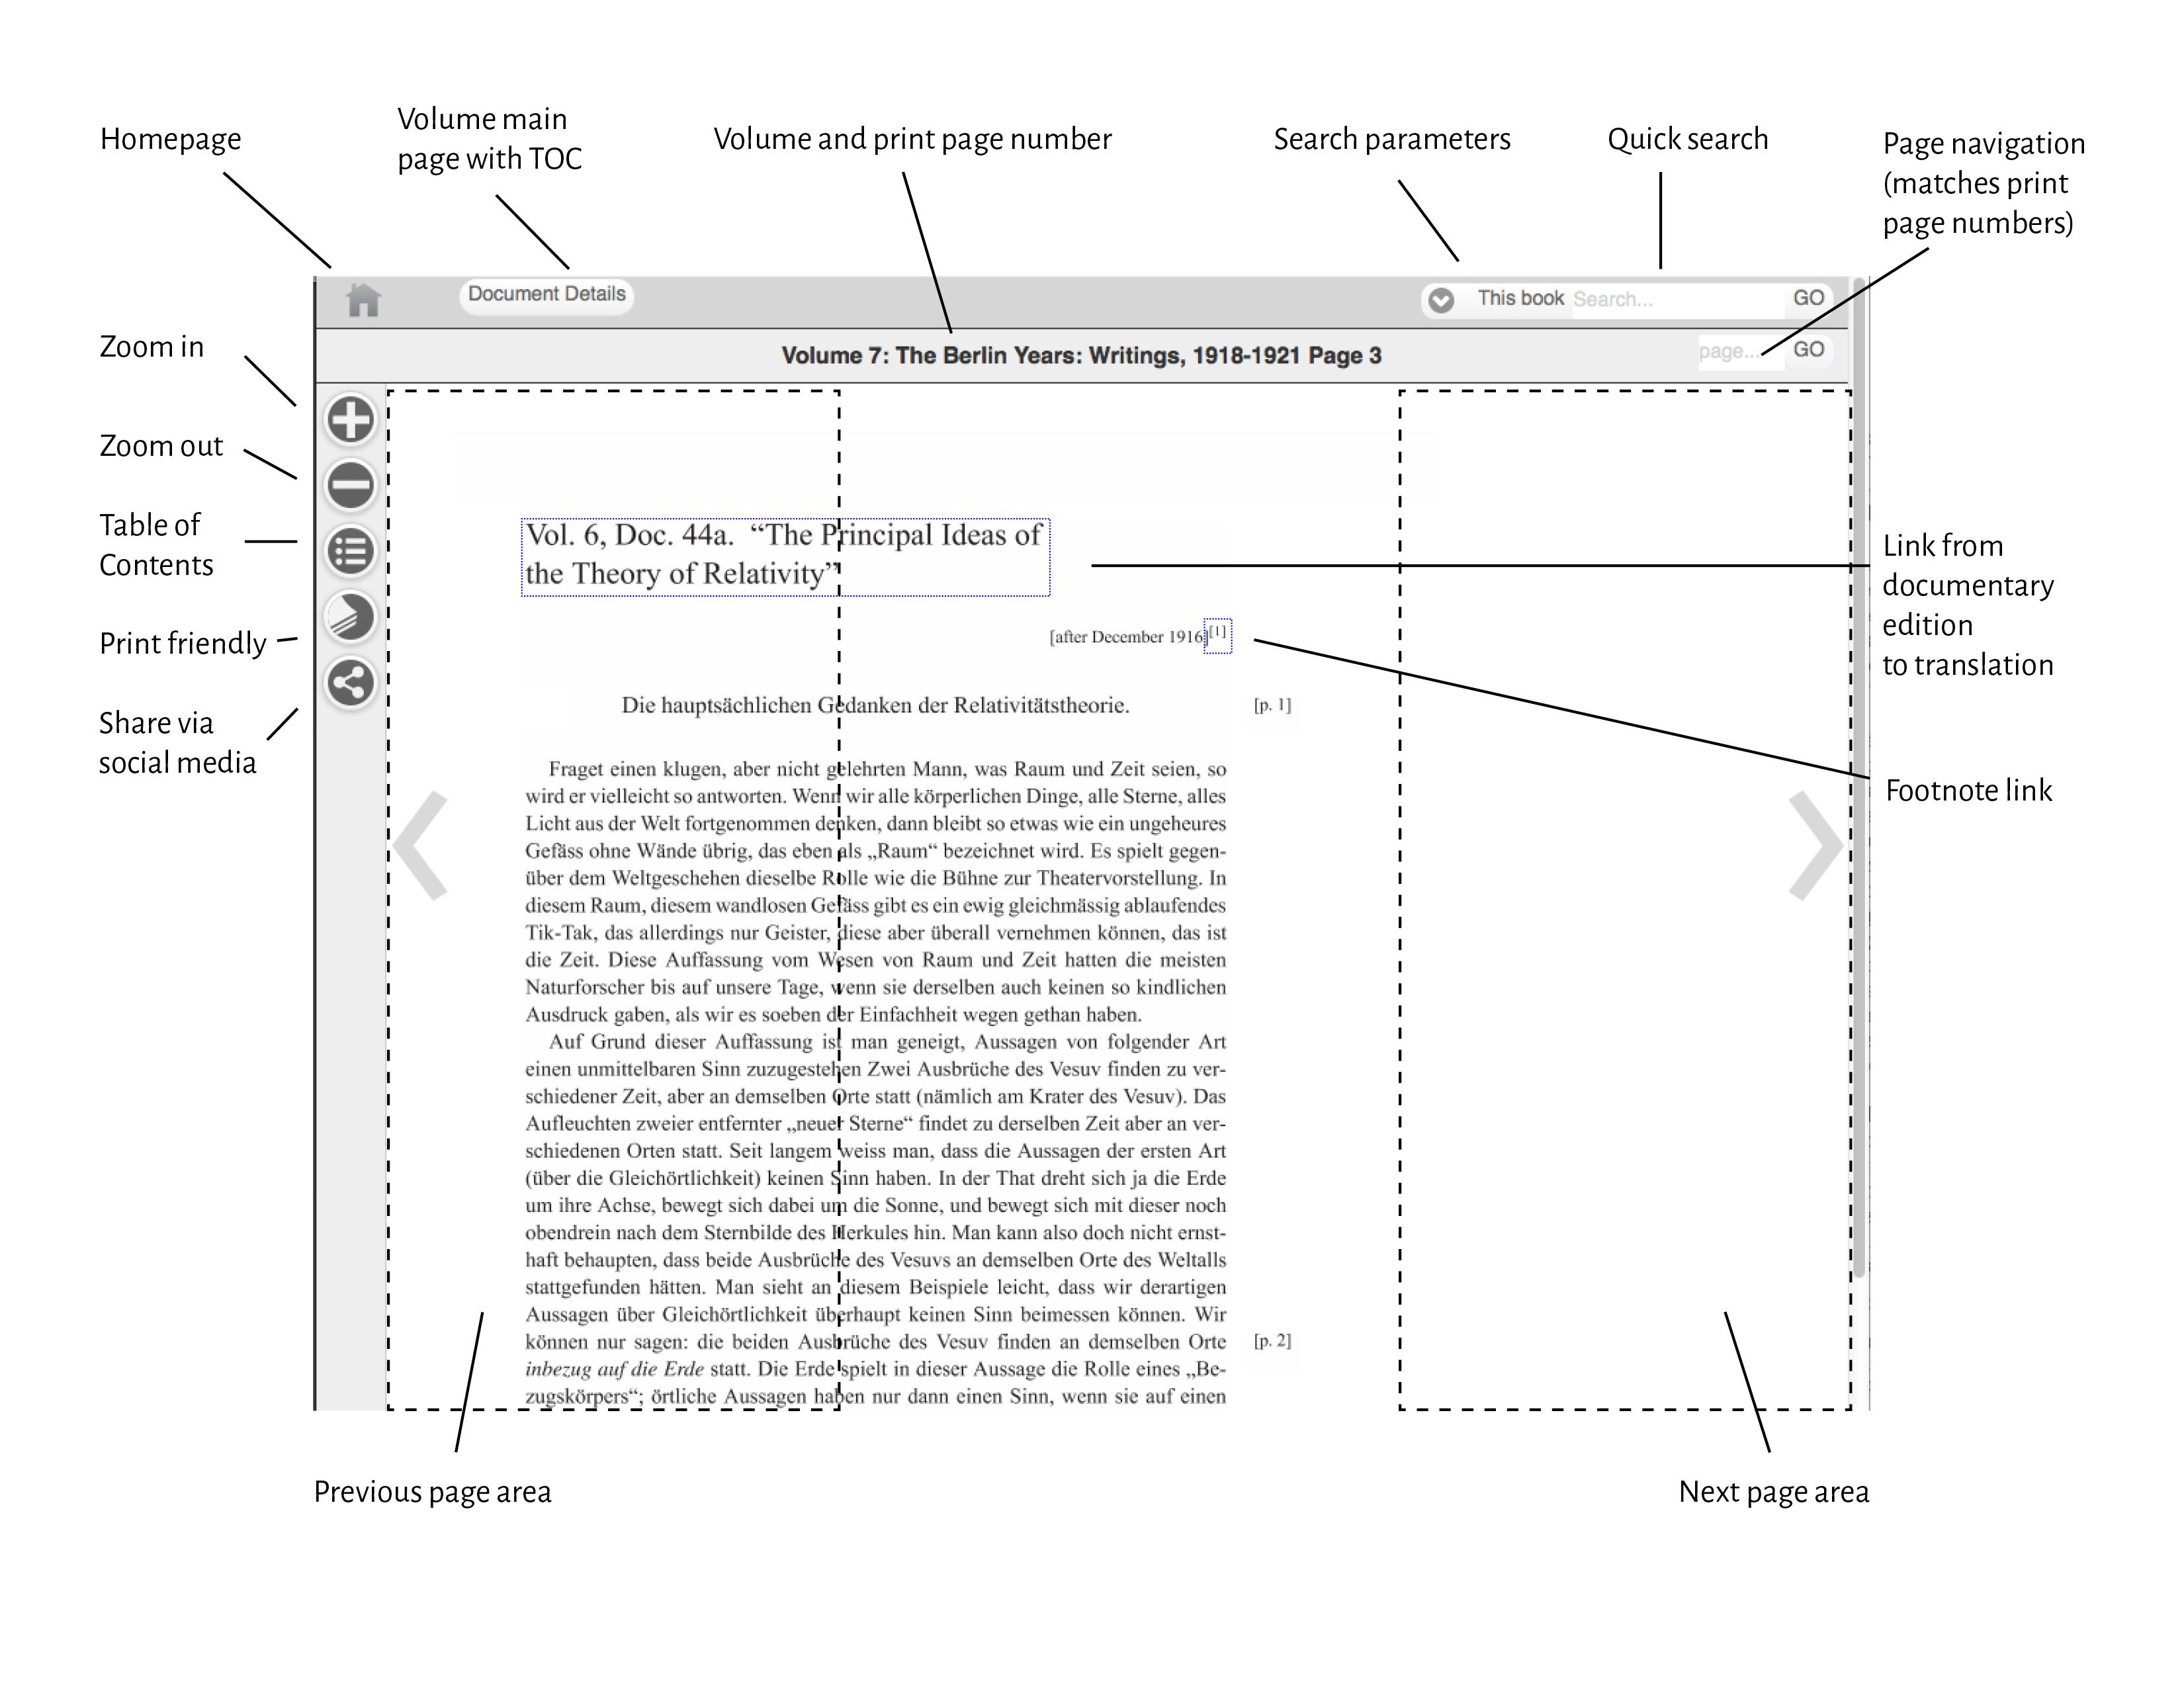 Εκτός από τη μετάφραση, η συλλογή Digital Einstein Papers προσφέρει πρόσβαση και σε σχολιασμό και επισημειώσεις